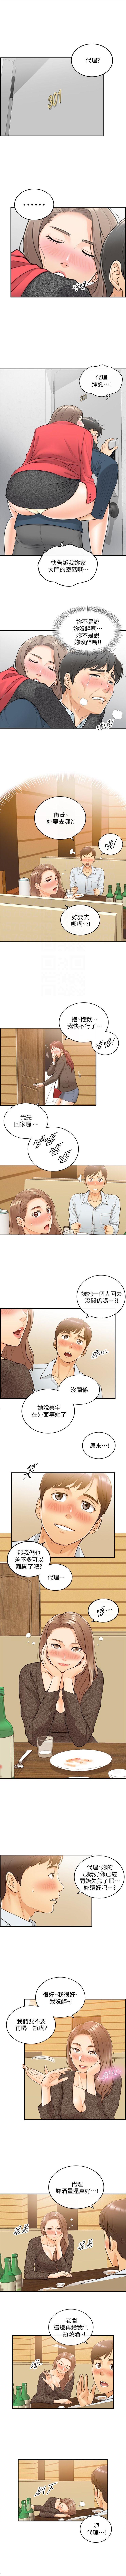 (週5)正妹小主管 1-39 中文翻譯(更新中) 31